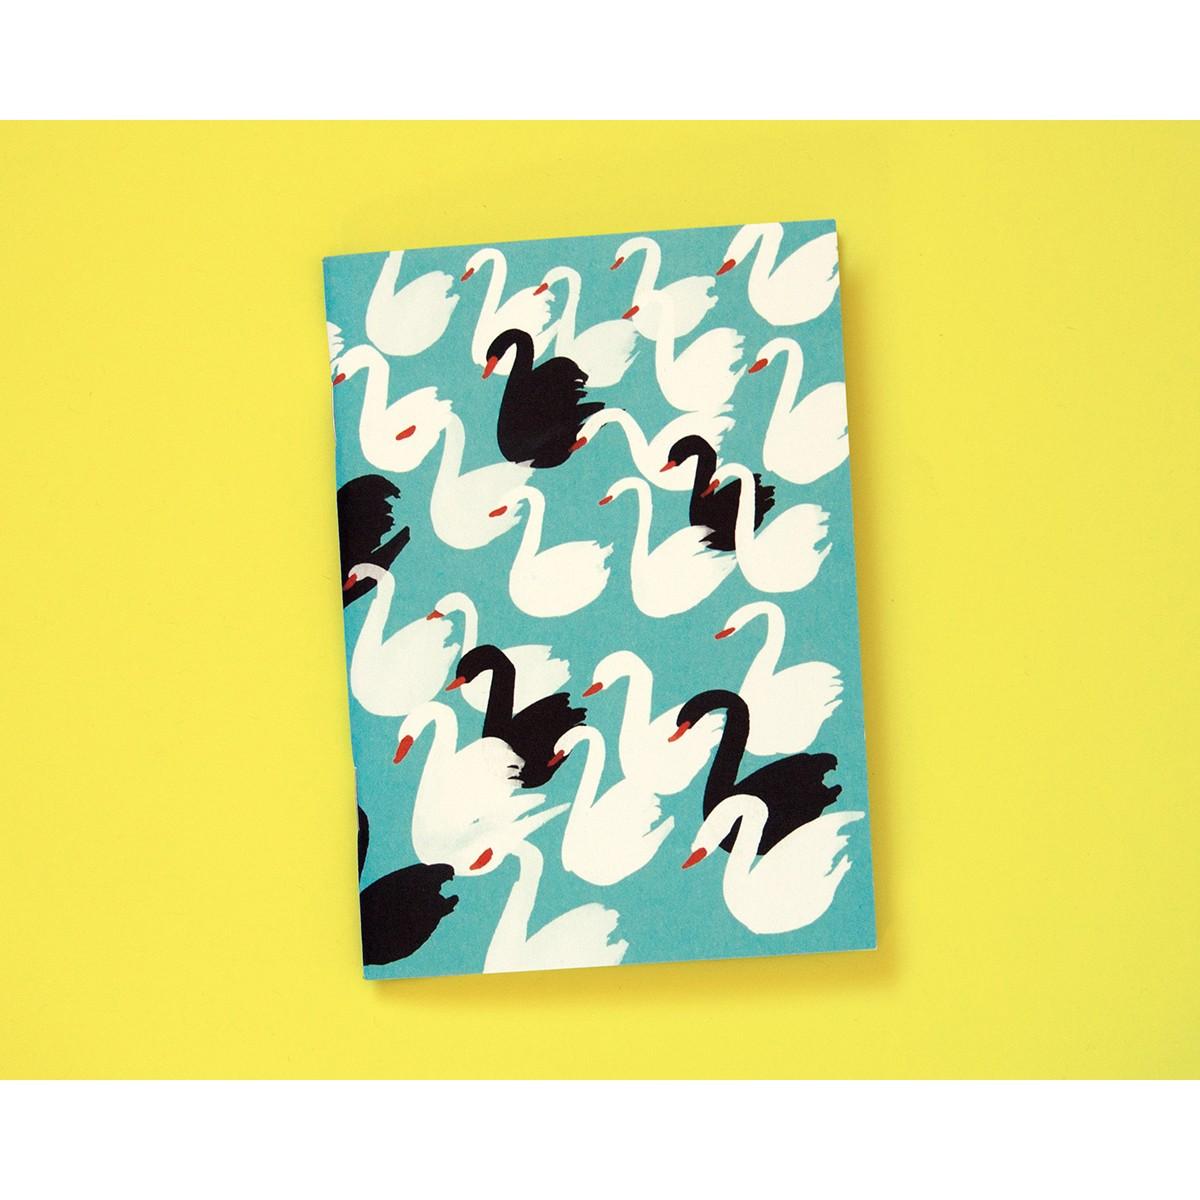 Notizheft A6 Schwäne hellblau // Papaya paper products